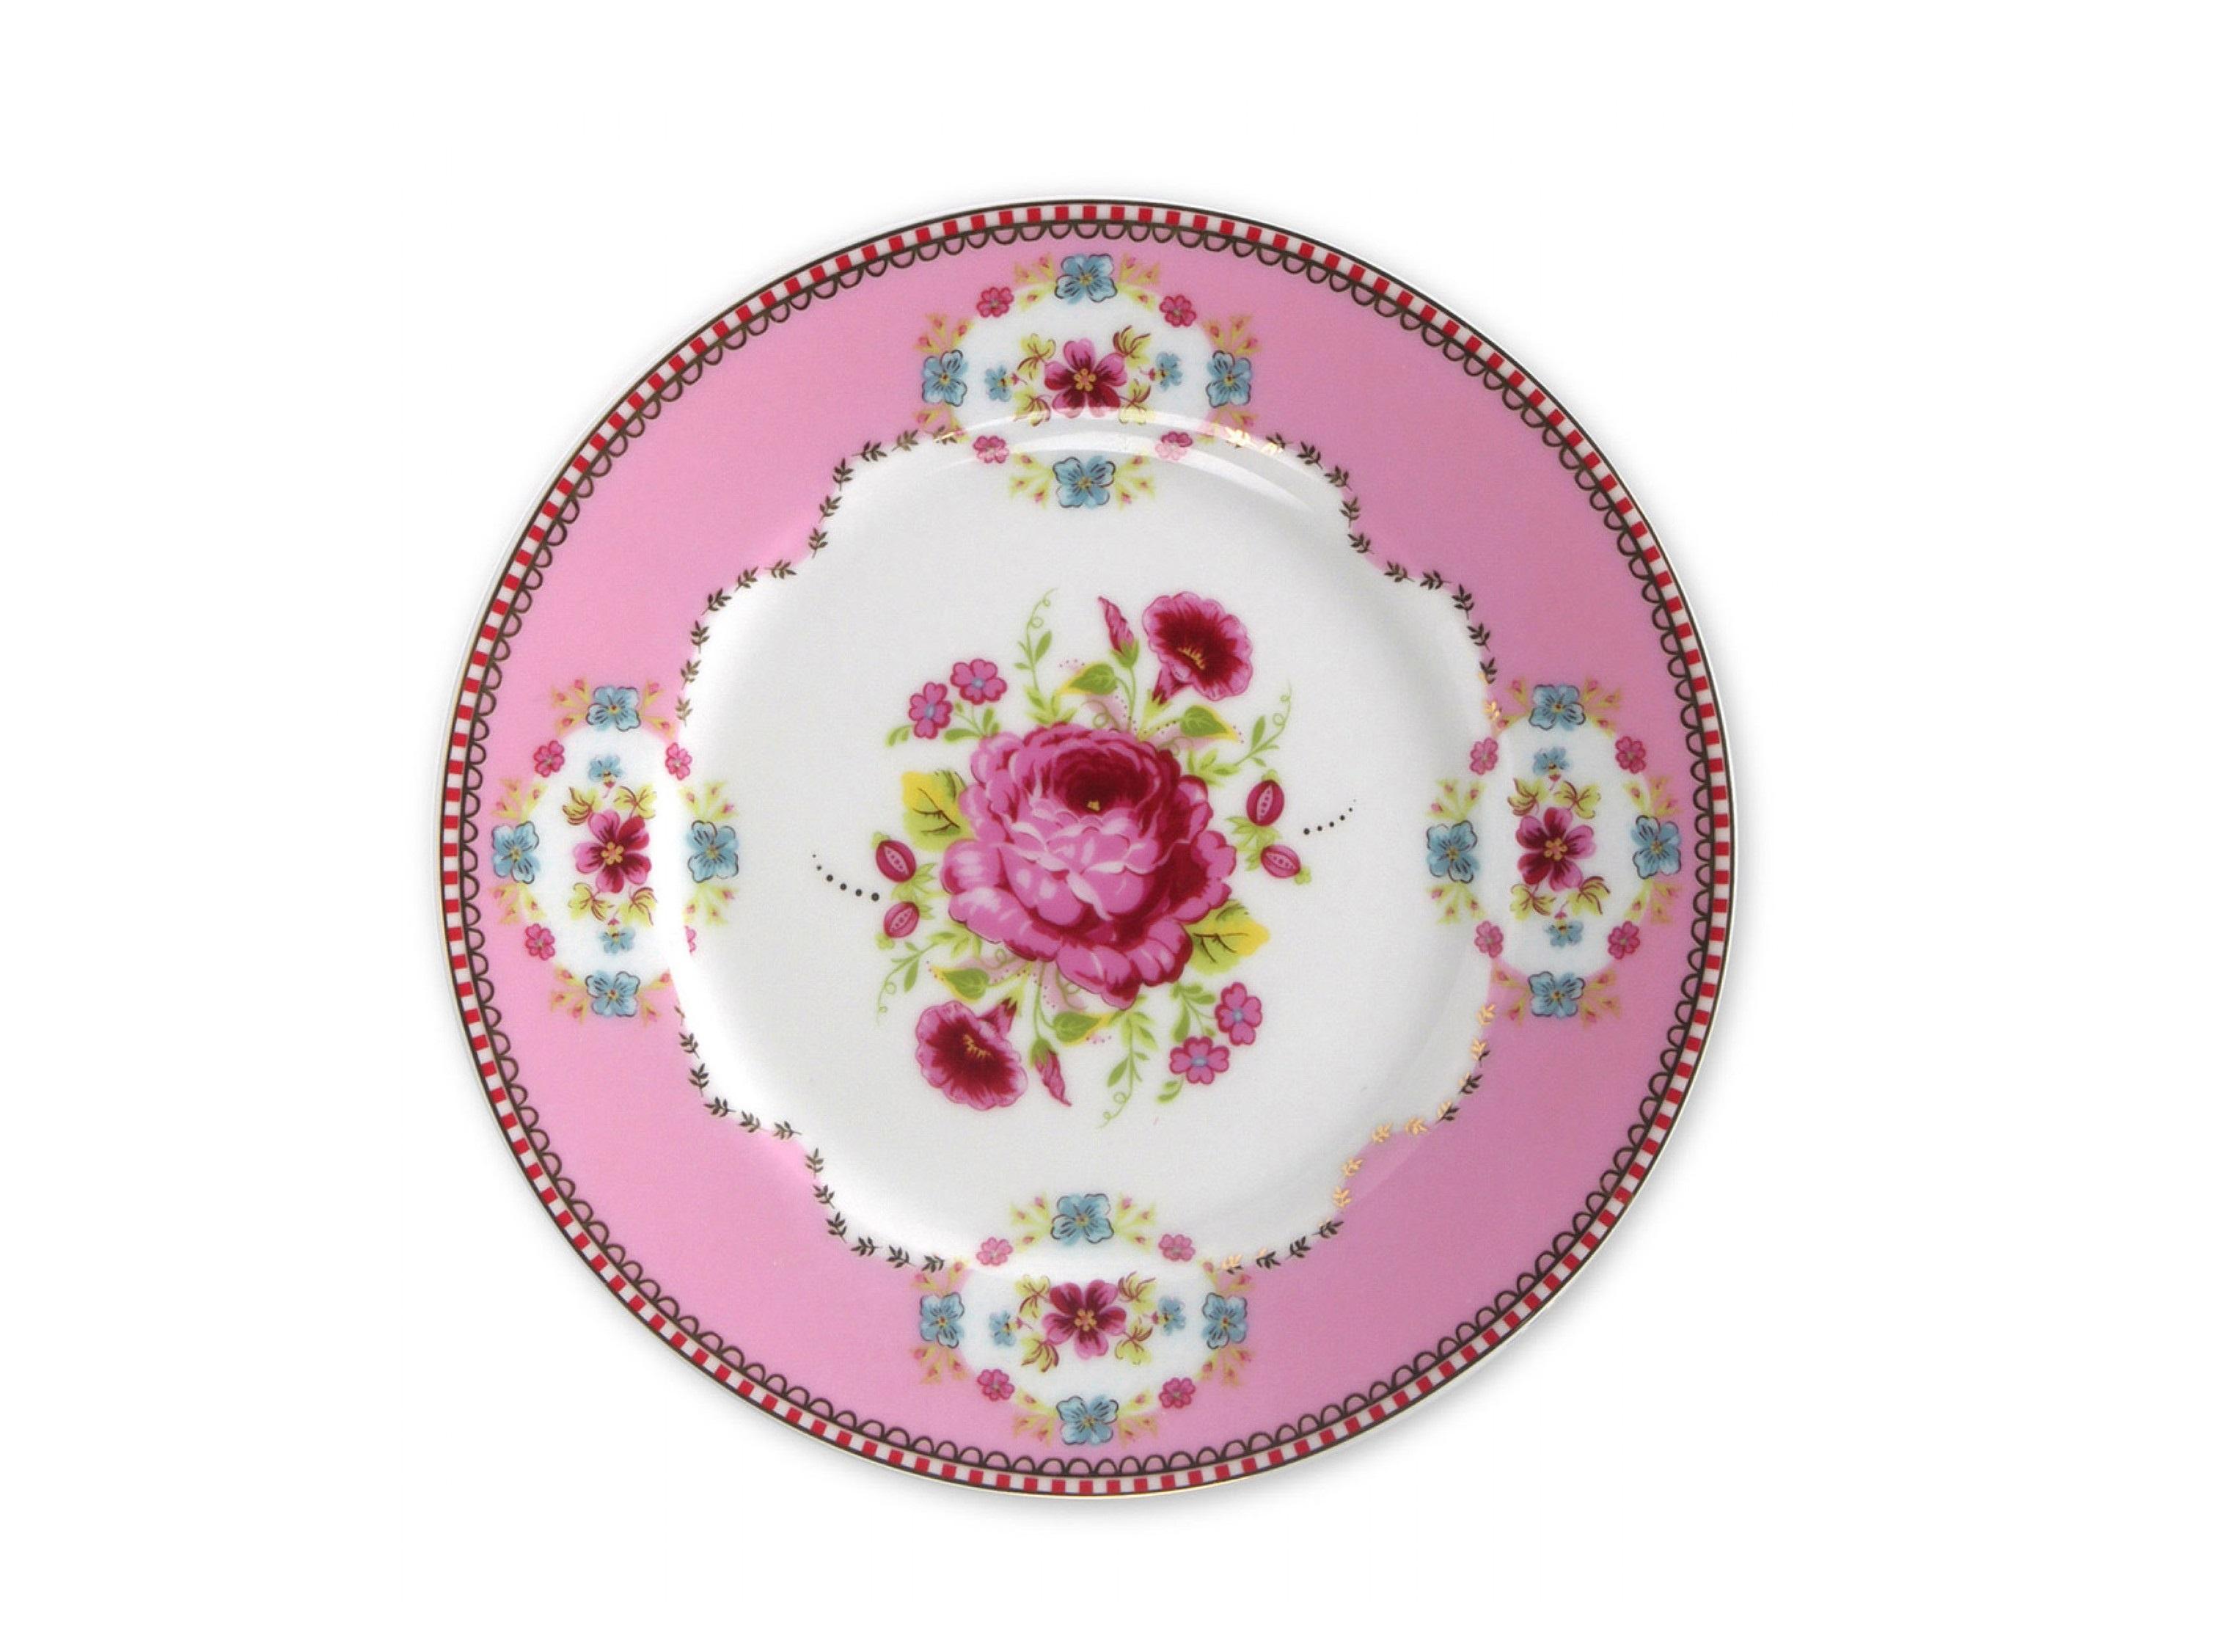 Набор тарелок Floral Pink (2шт)Тарелки<br>Коллекция посуды Floral появилась в 2008 г. и состоит из нескольких дизайнов, которые прекрасно сочетаются между собой и отлично дополняют друг друга. Особенность коллекции - в декорировании цветами, птицами и позолотой на всех предметах. Коллекция состоит из трёх цветовых групп - розовой, хаки и голубой, которые можно бесконечно комбинировать между собой. Коллекция также включает в себя кухонный текстиль и стекло.&amp;lt;div&amp;gt;&amp;lt;br&amp;gt;&amp;lt;/div&amp;gt;&amp;lt;div&amp;gt;&amp;lt;span style=&amp;quot;font-size: 14px;&amp;quot;&amp;gt;Не использовать в микроволновой печи. Не рекомендуется мыть в посудомоечной машине.&amp;amp;nbsp;&amp;lt;/span&amp;gt;&amp;lt;br&amp;gt;&amp;lt;/div&amp;gt;<br><br>Material: Фарфор<br>Height см: 2<br>Diameter см: 17